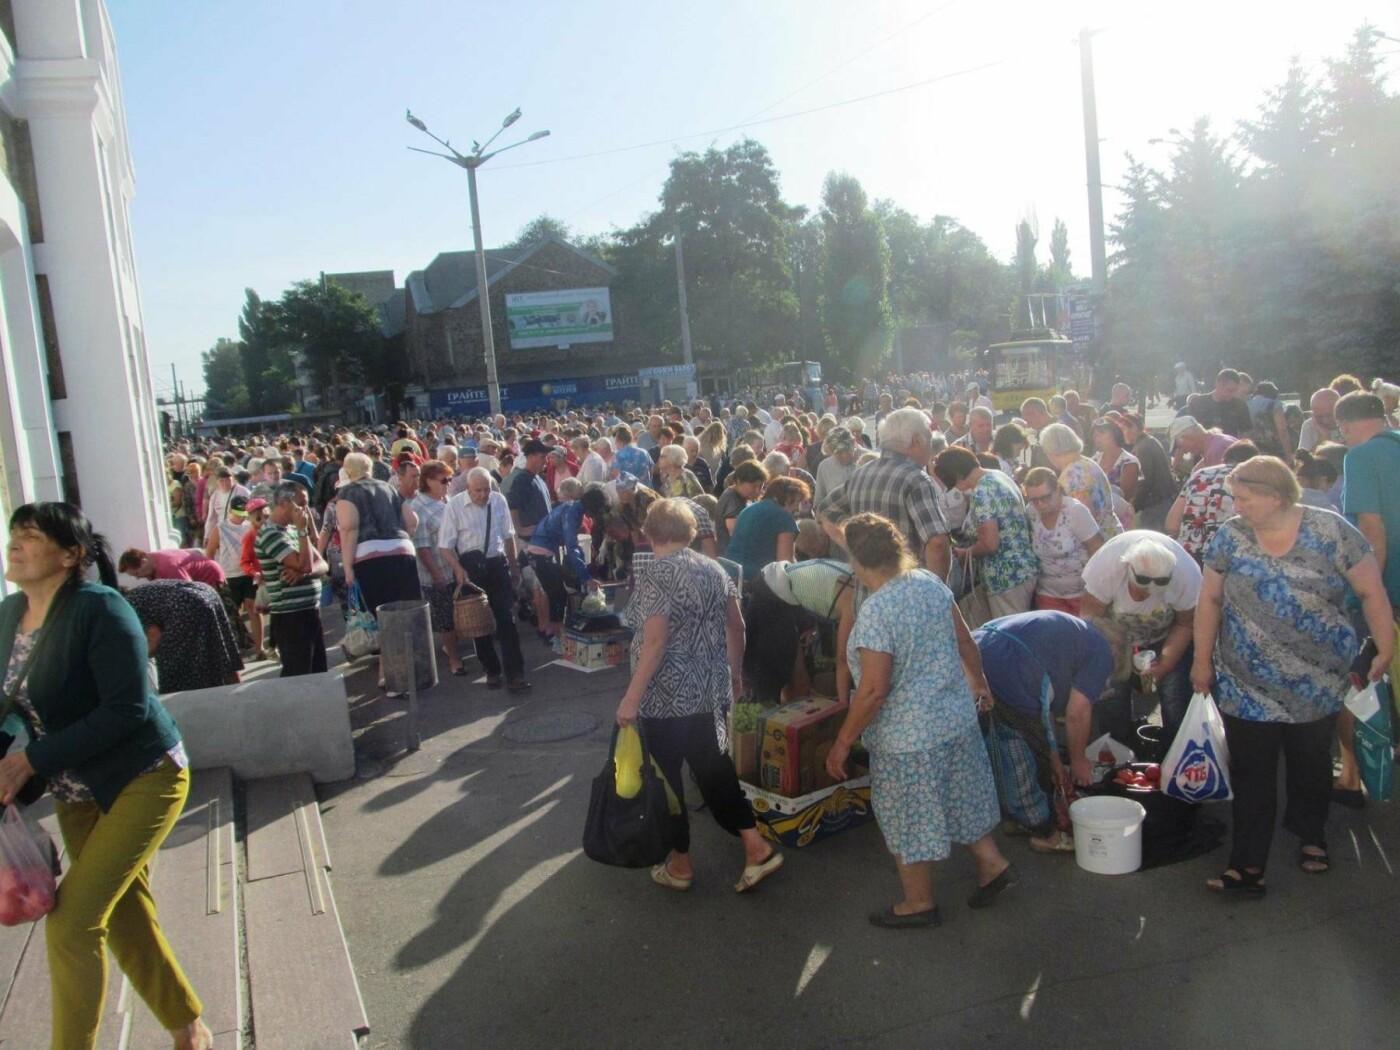 Базар-вокзал в Кривом Роге: Горожане предложили упорядочить стихийный рынок на Долгинцево, - ФОТО, фото-3